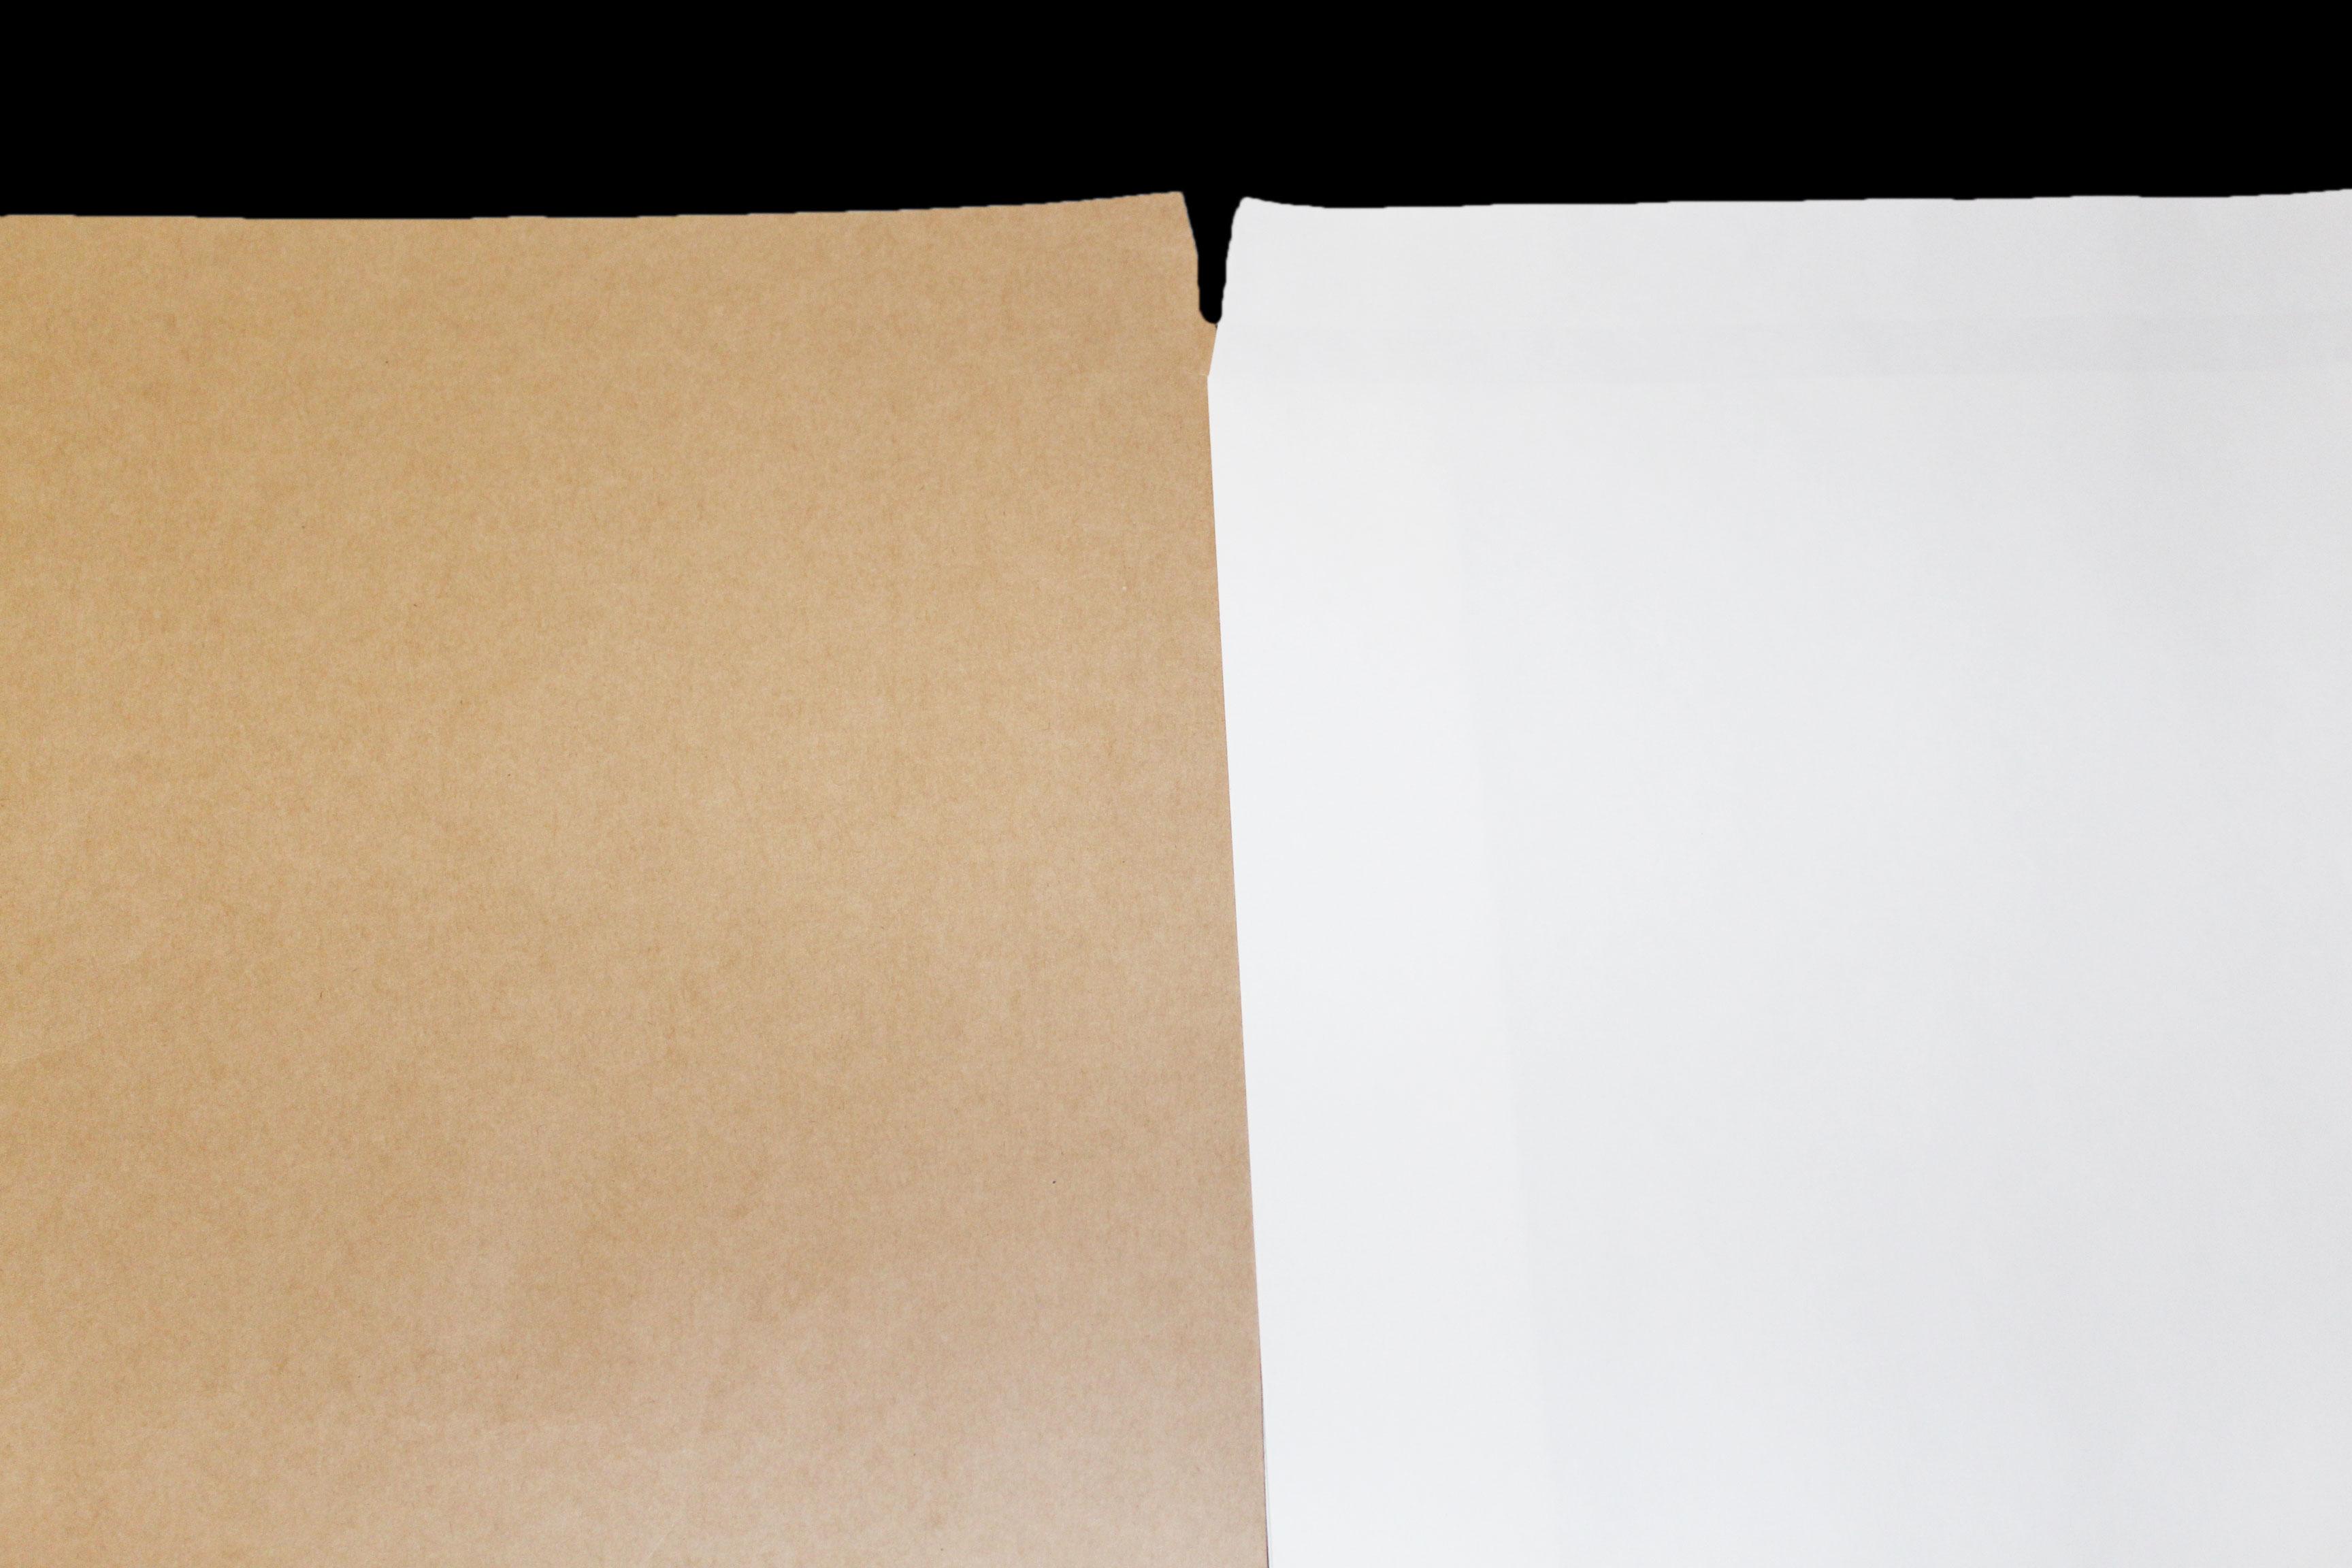 宅配袋は晒クラフトか茶色クラフト紙をお選びください